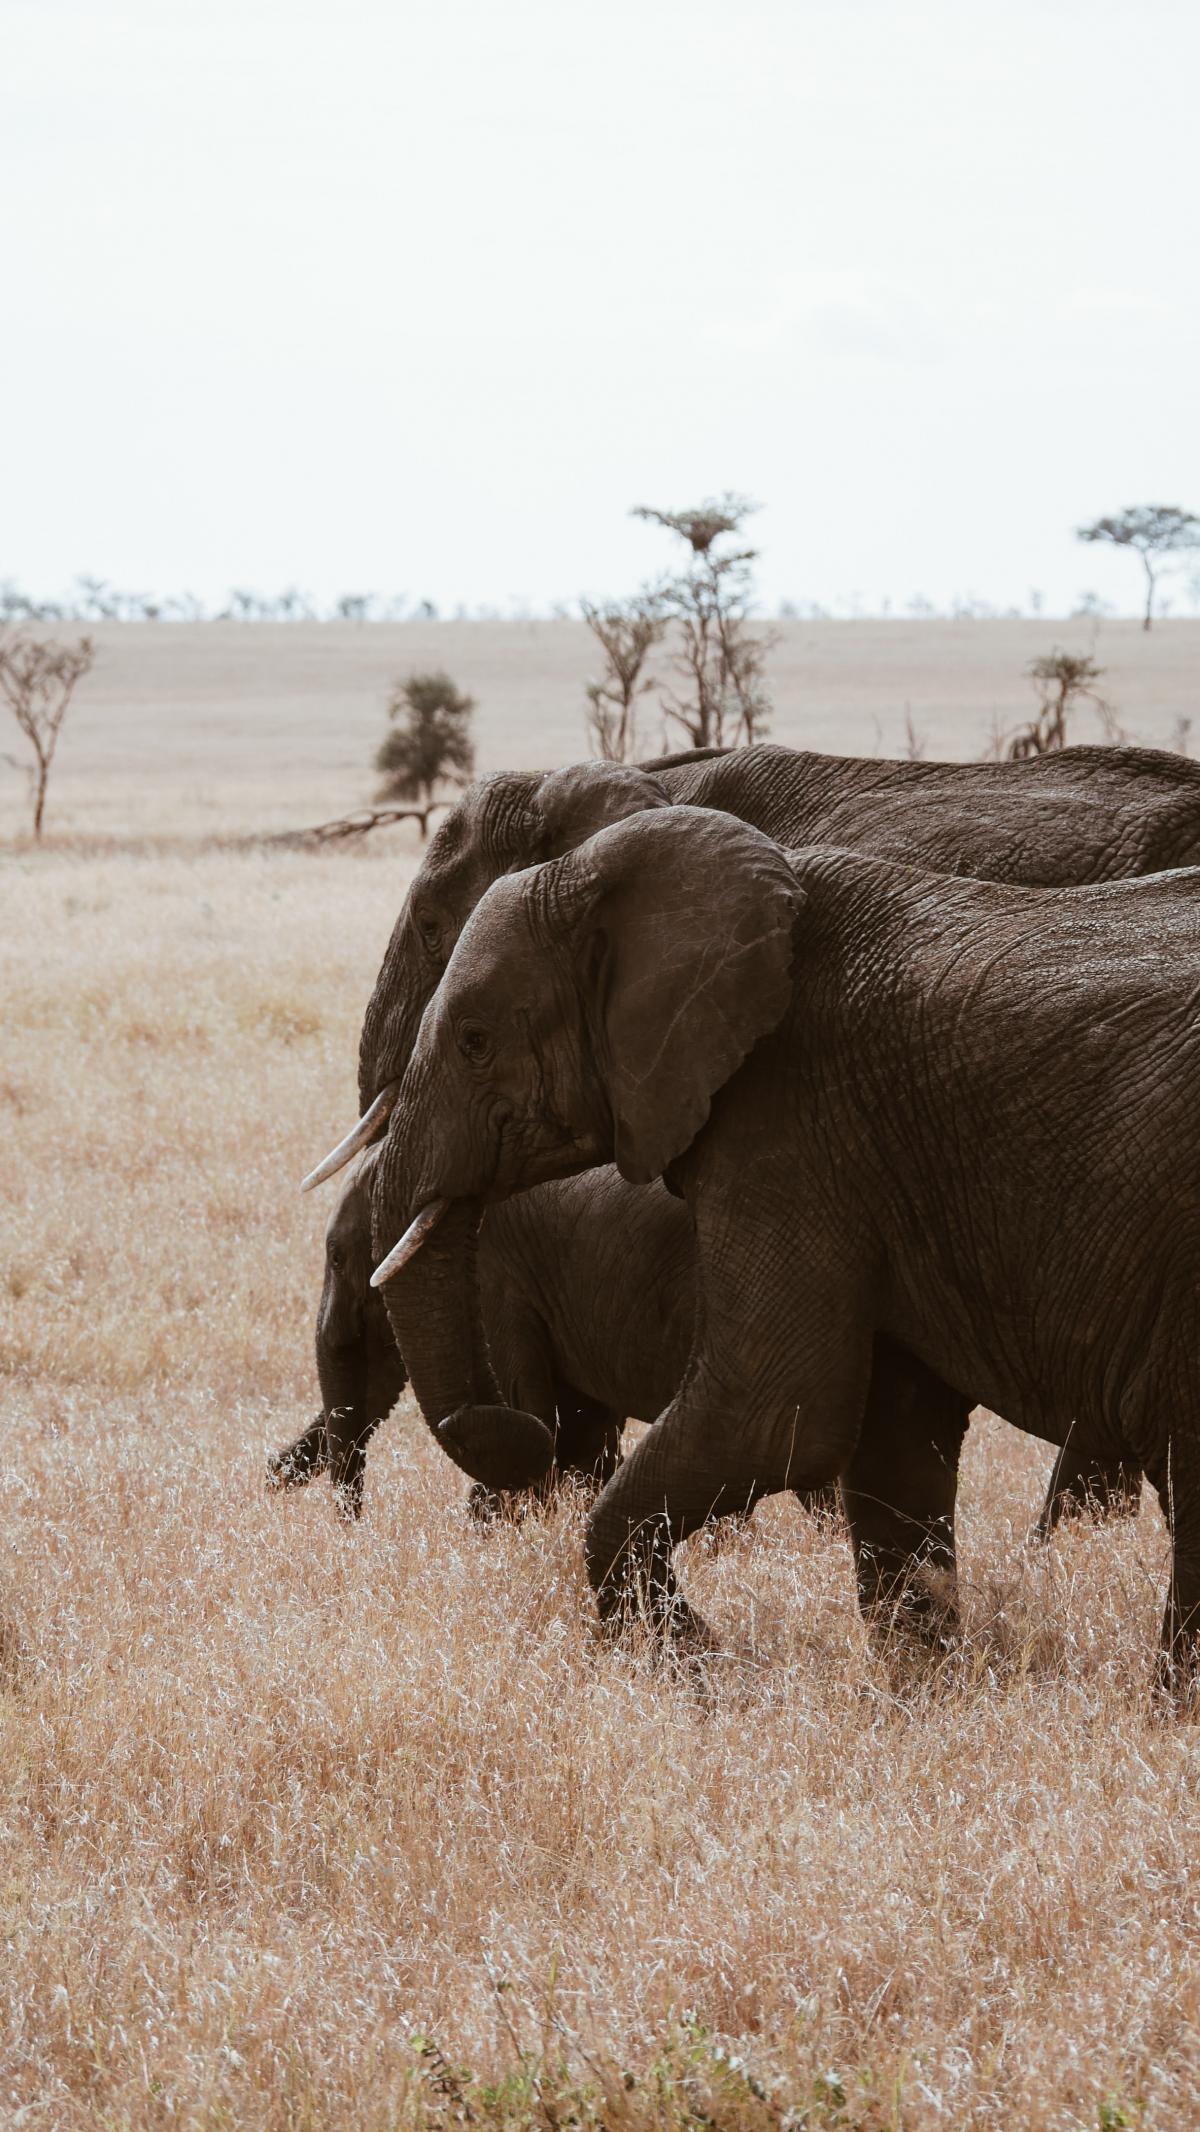 Elephant Mammal Safari #422541